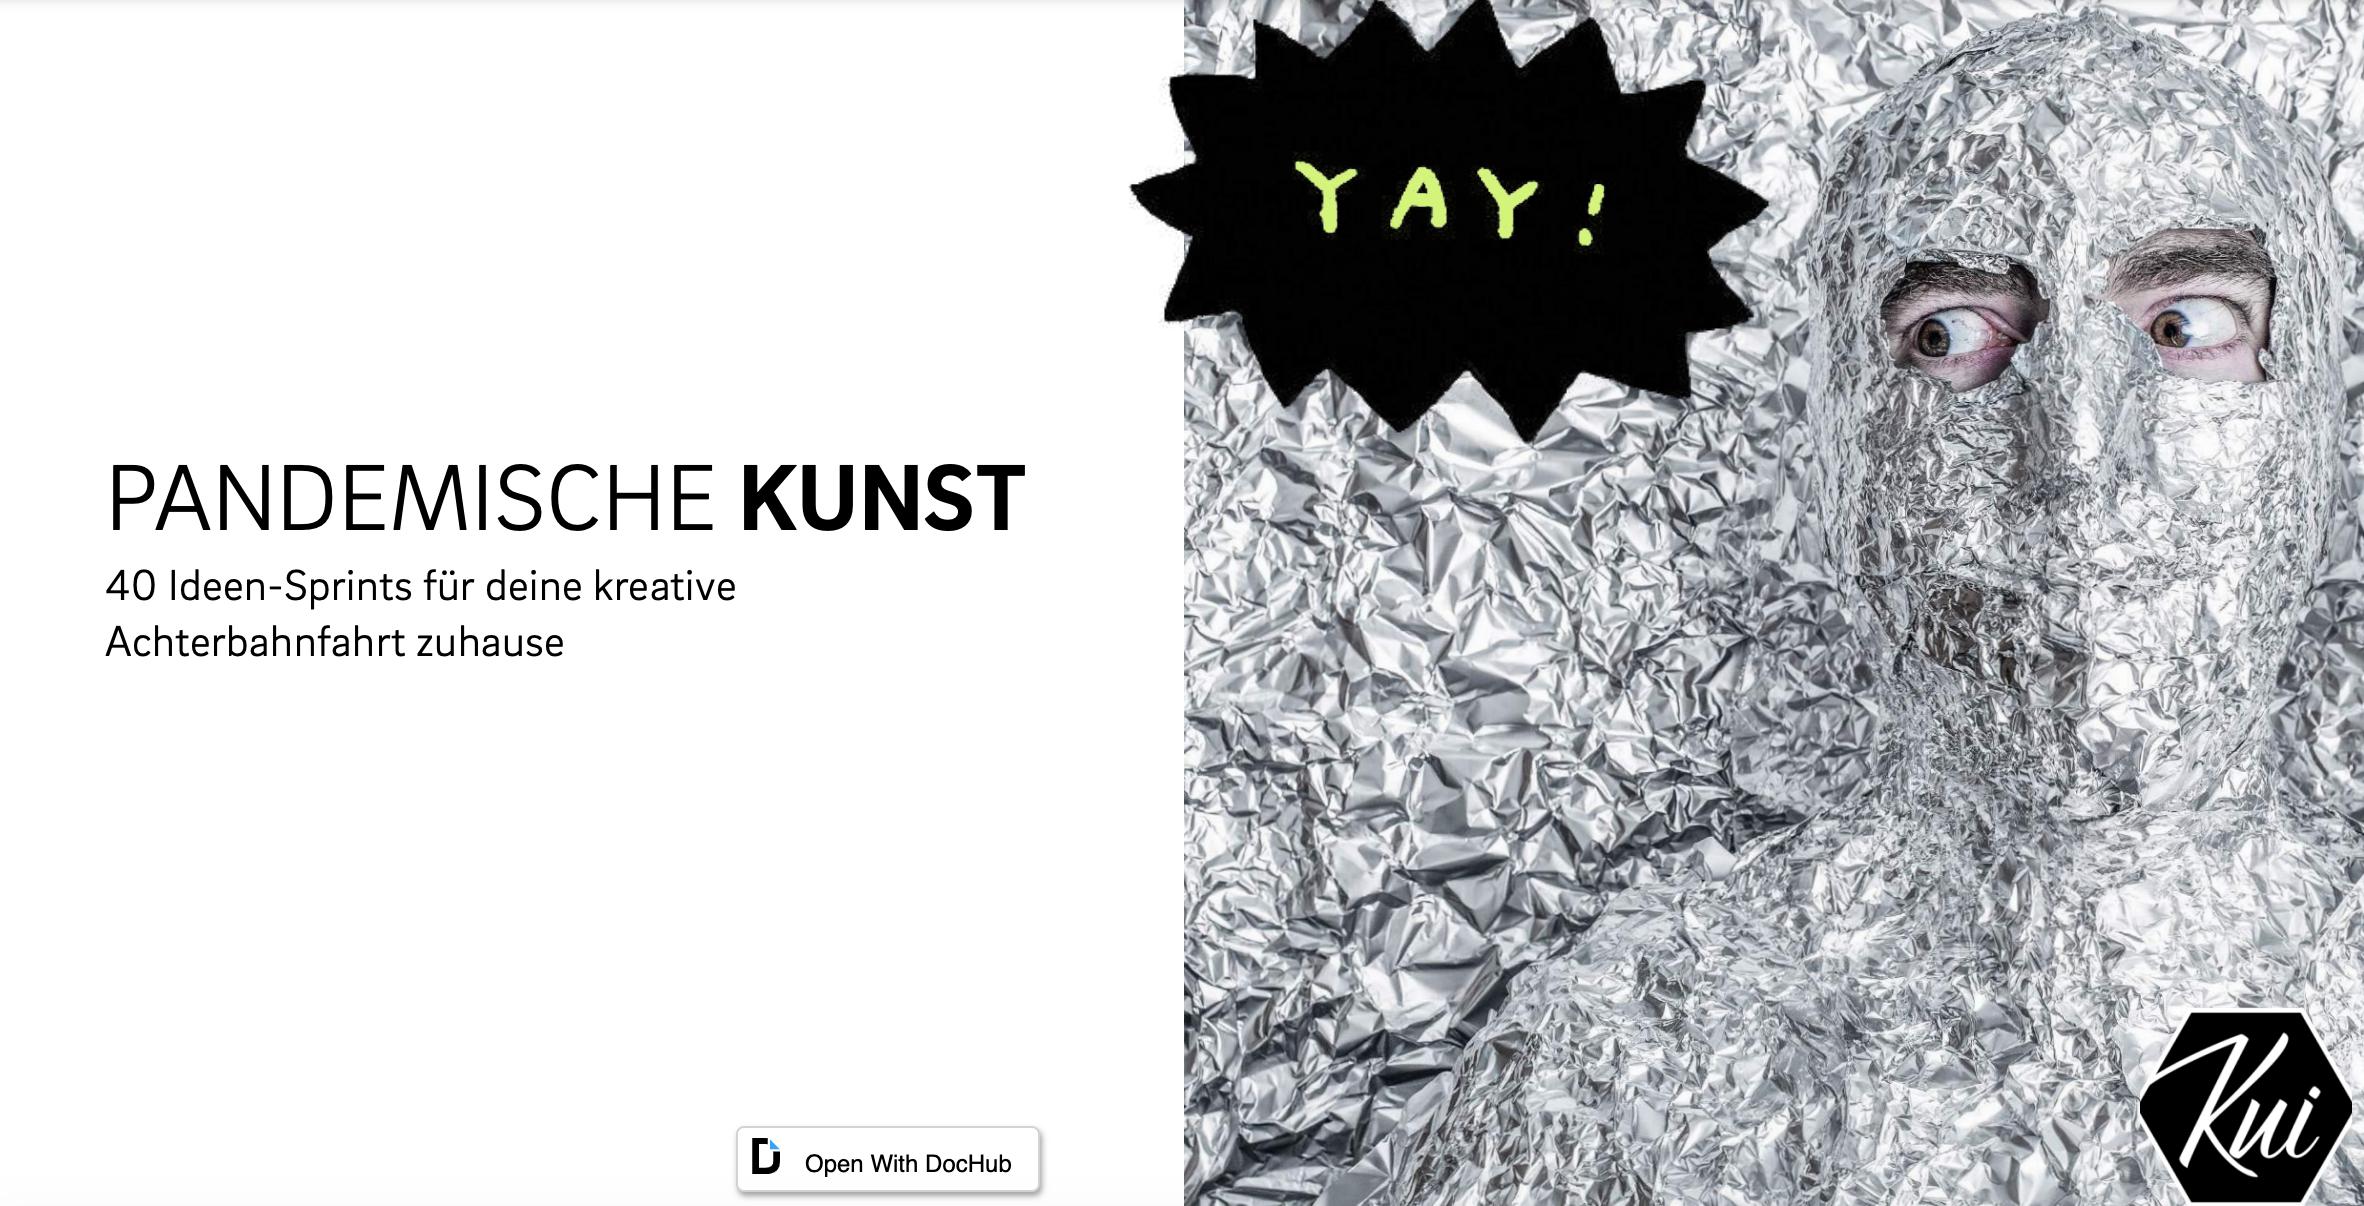 Cover: KUI sammelt 40 Ideen für den Kunstunterricht, die im Onlineunterricht umgesetzt werden können. Inspirierend!